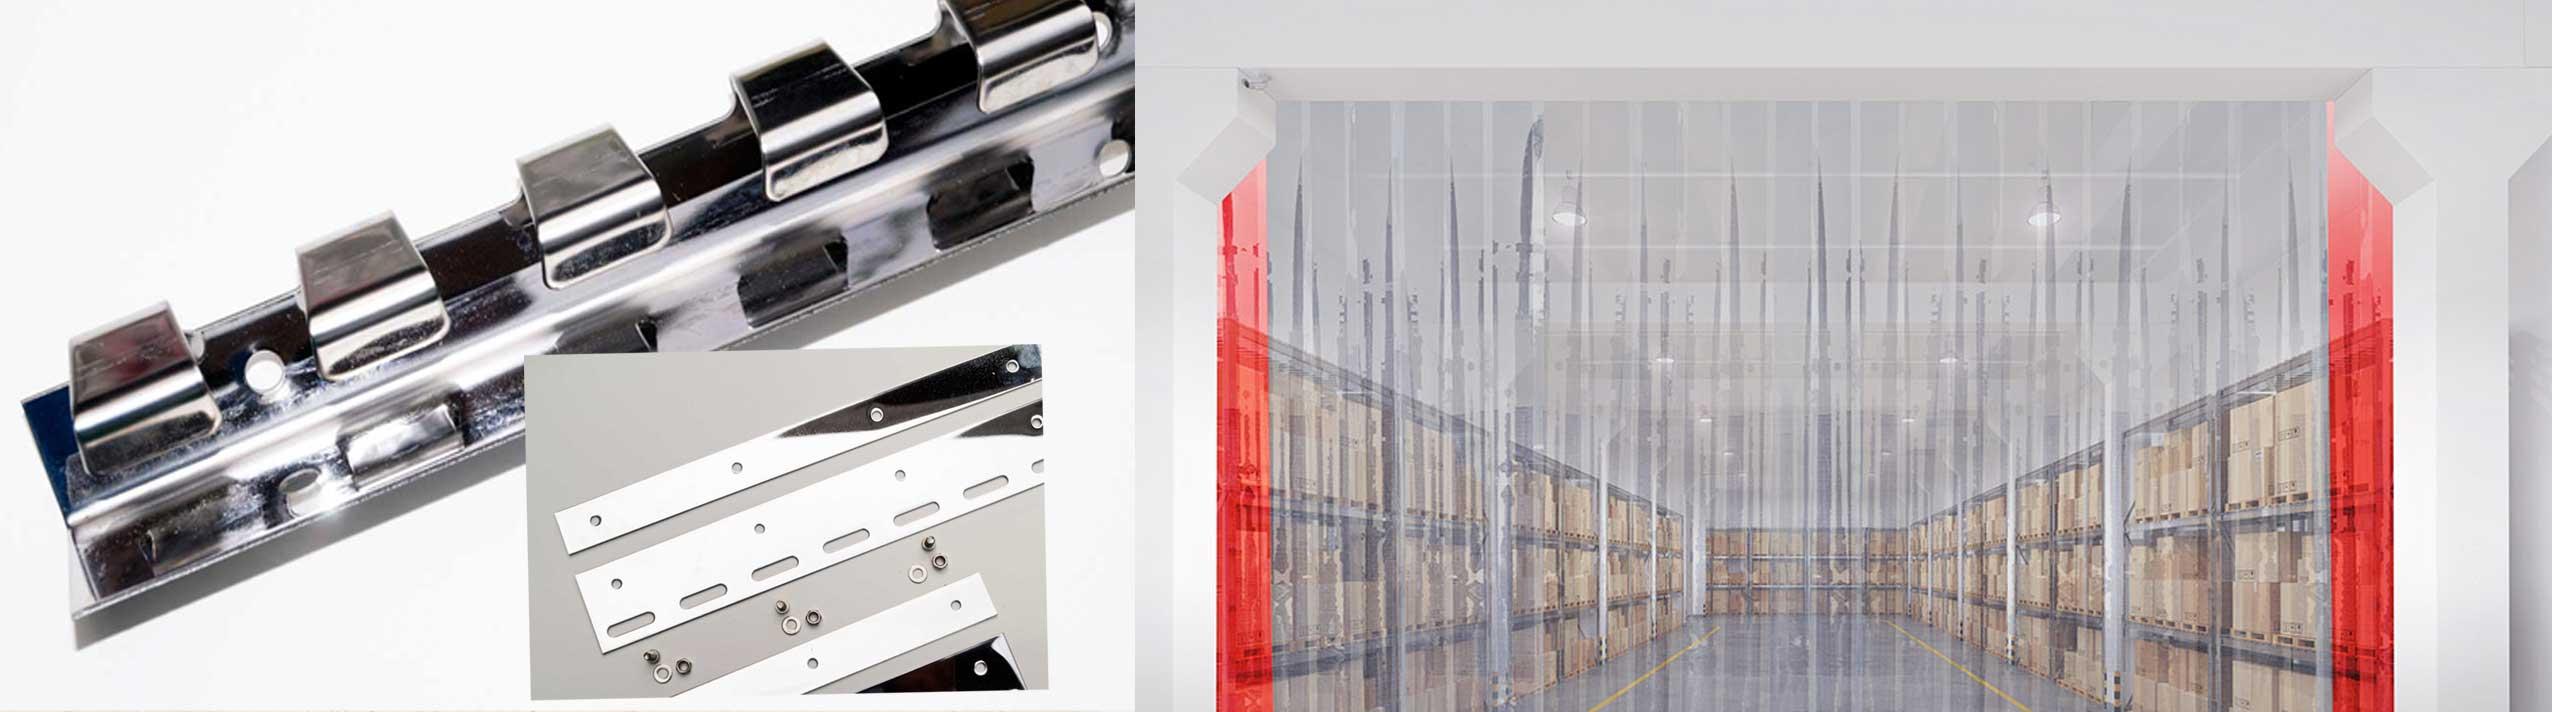 Industrievorhänge PVC